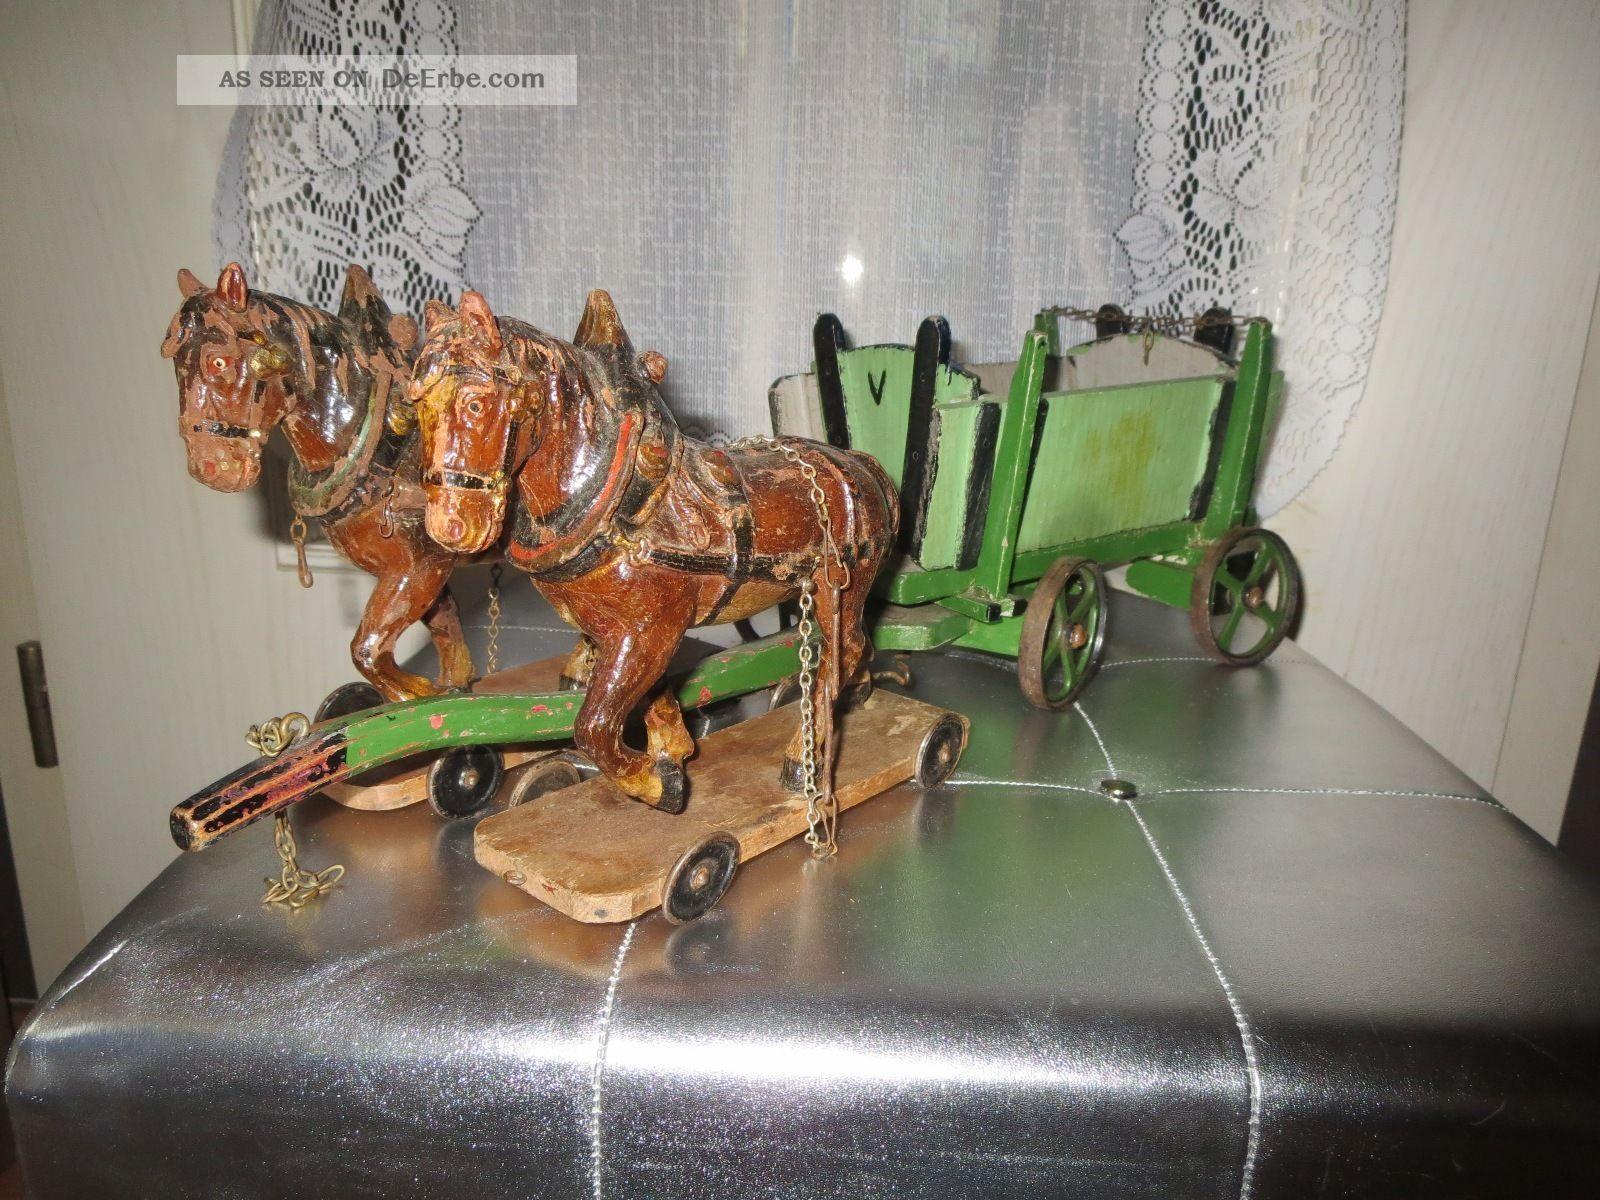 Antikes Gespann Von 1900 Mit 2 Elastolin Pferden Und Pferdewagen Elastolin & Lineol Bild